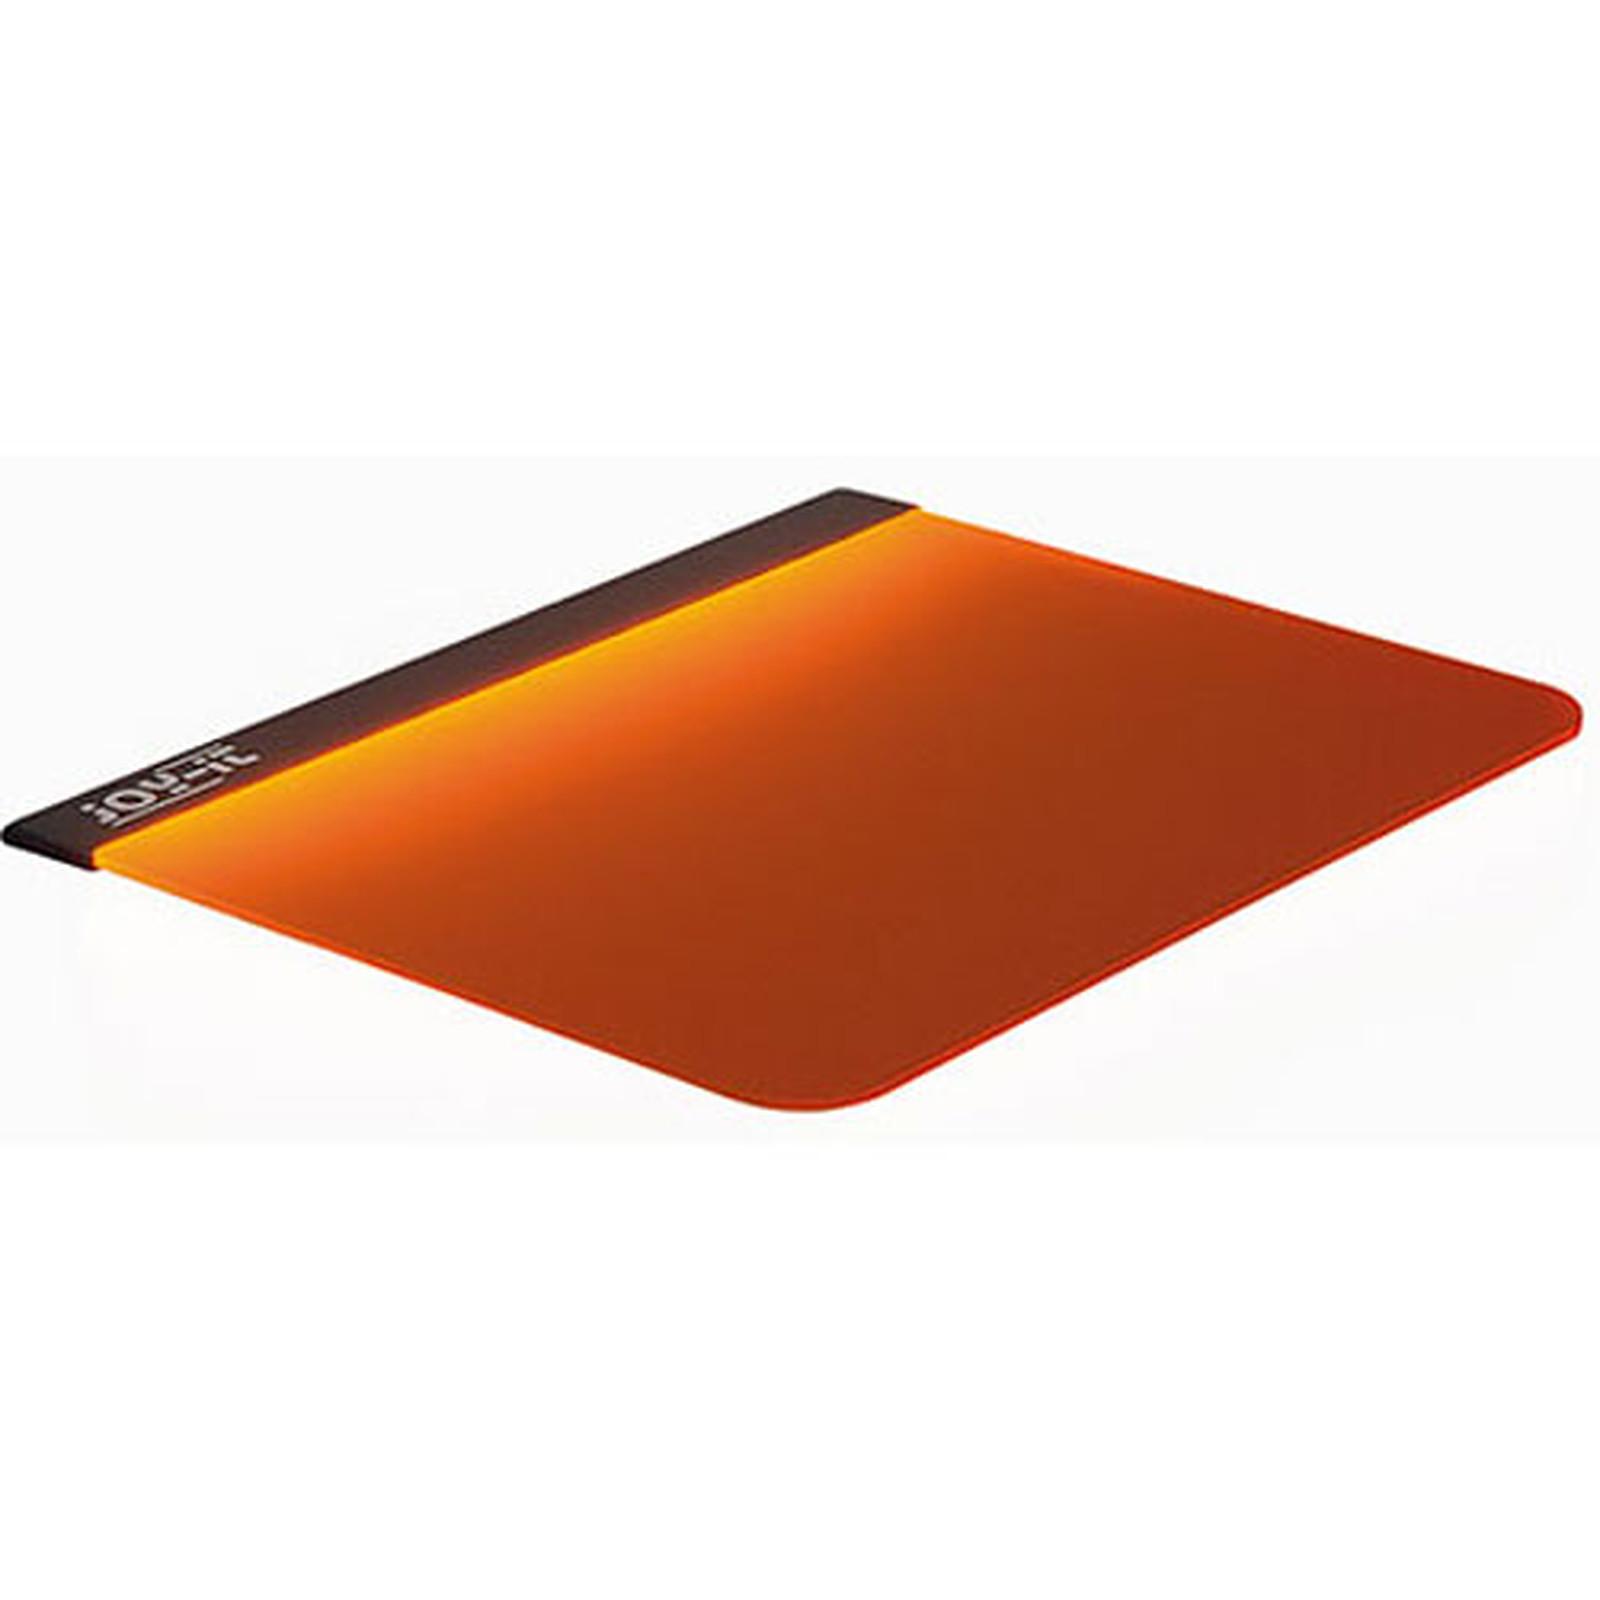 JOY-iT Lightpad (orange)